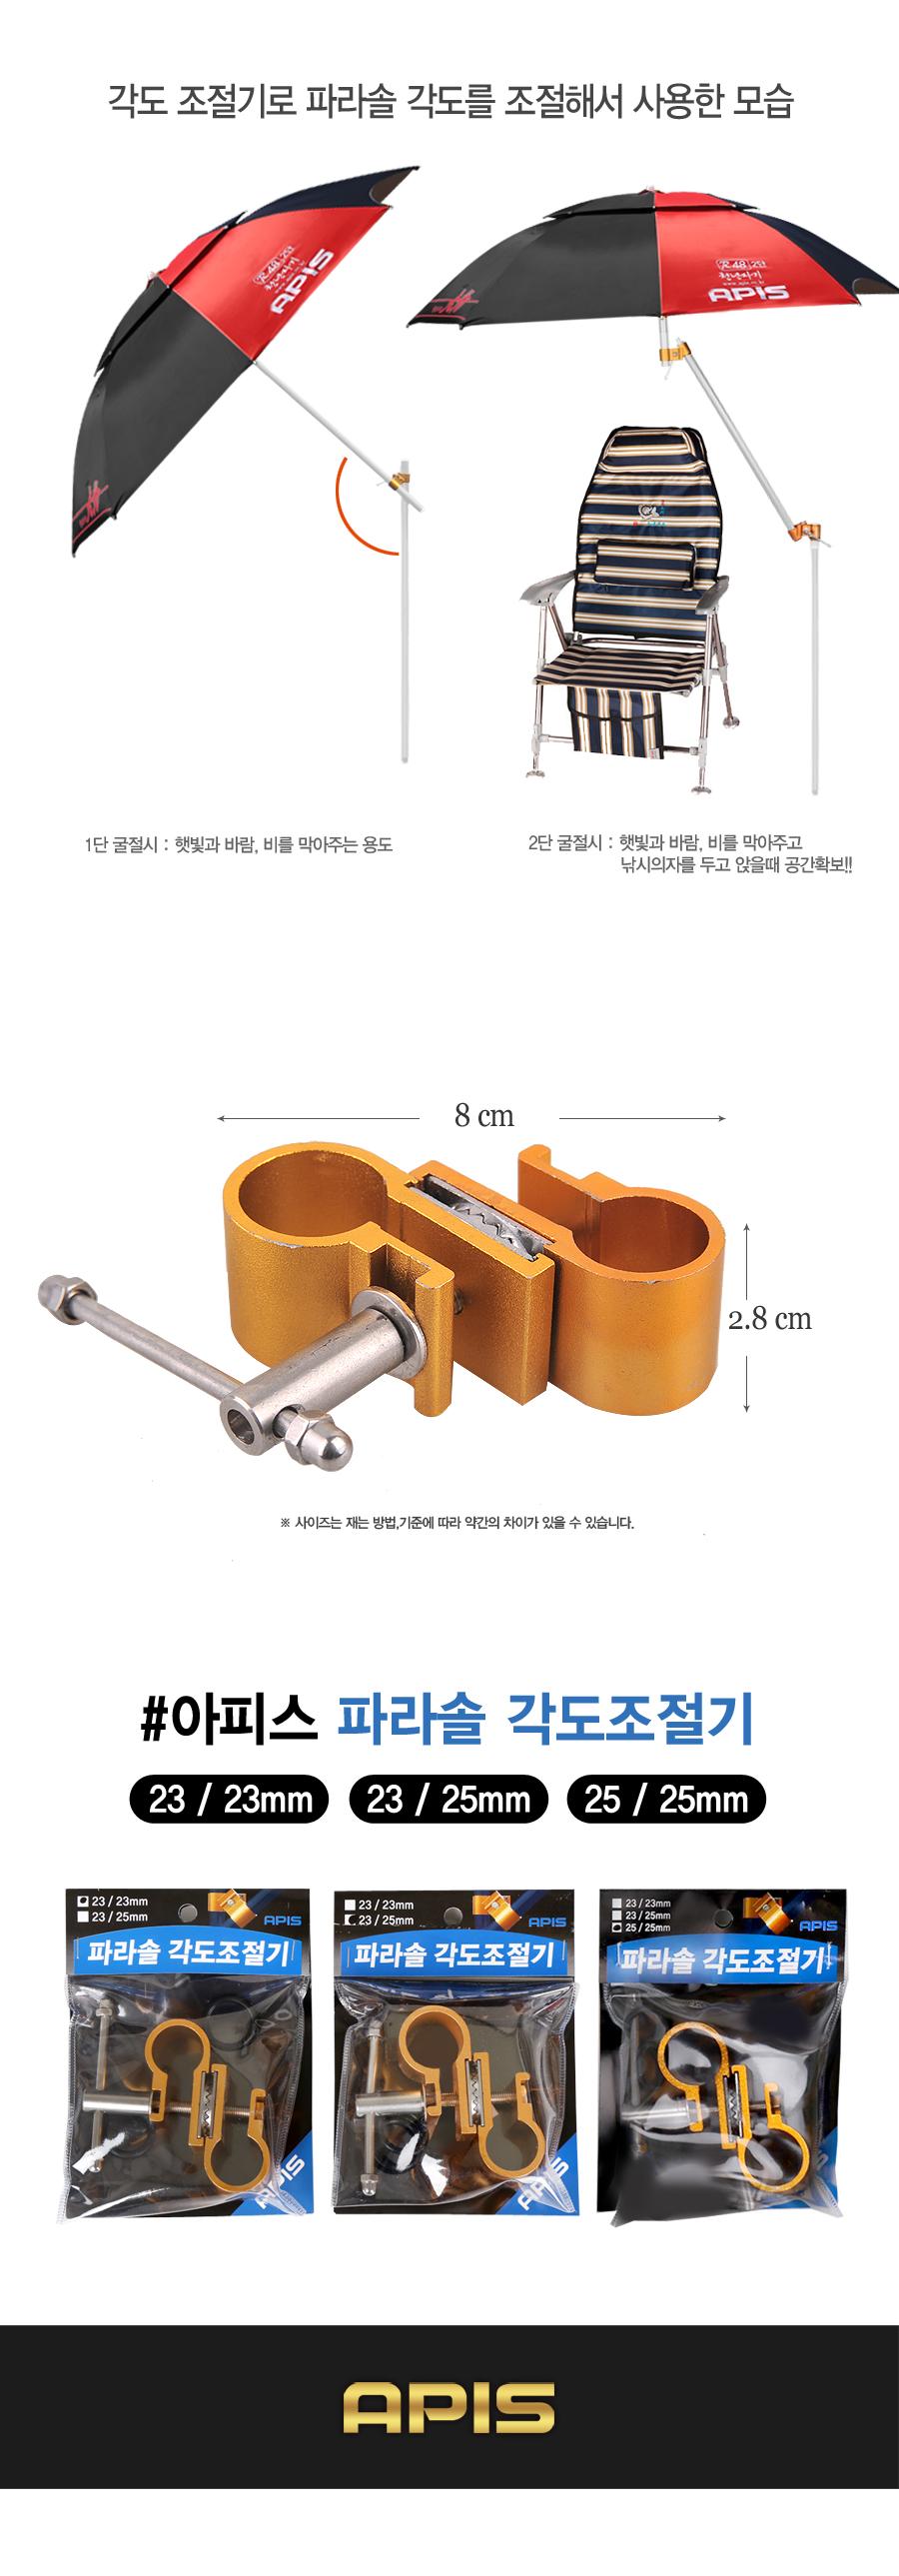 낚시파라솔 파라솔각도조절용품 낚시용품 캠핑파라솔 파라솔보조용품